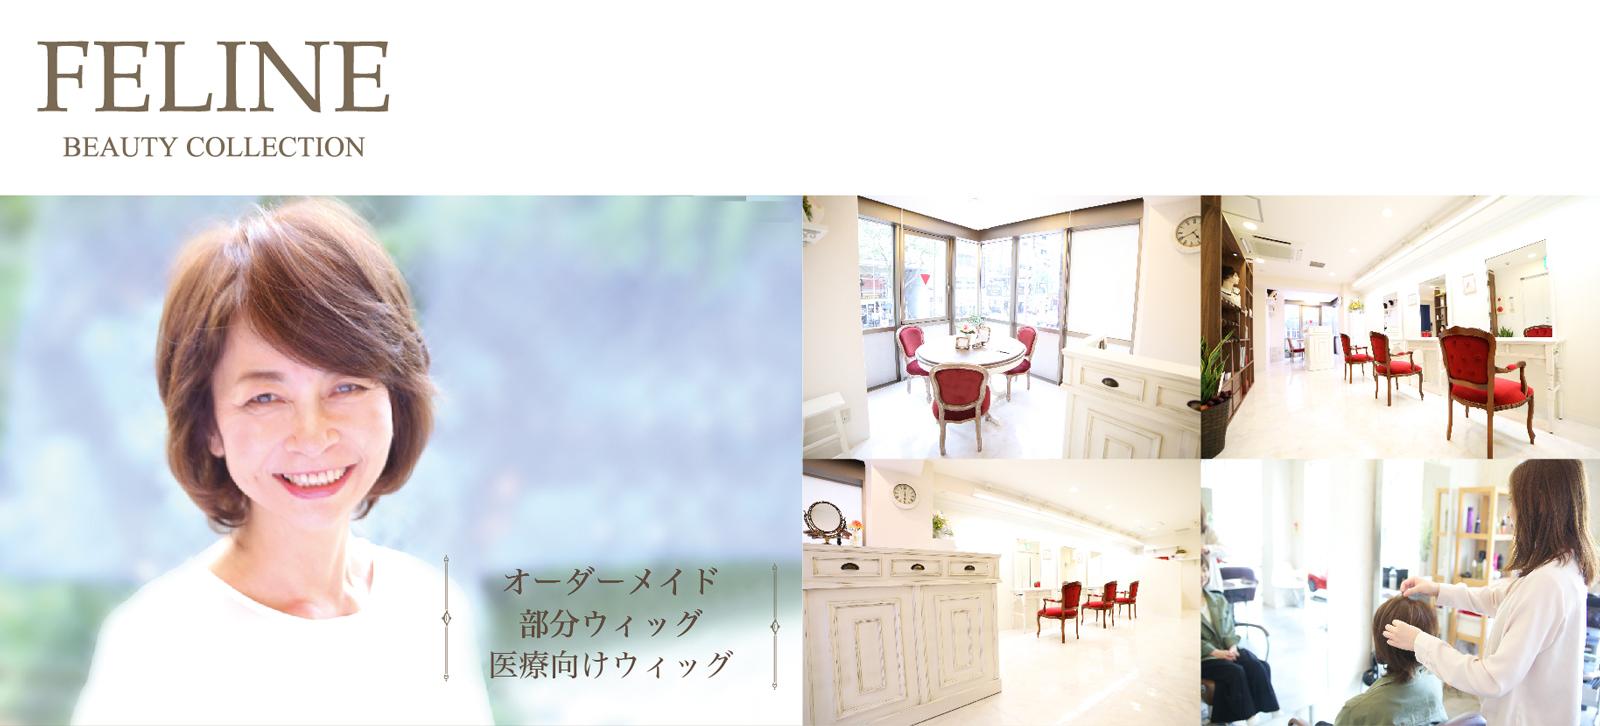 福岡のウィッグのご相談や修理、スタイル調整致します FELINE -フェリーヌ